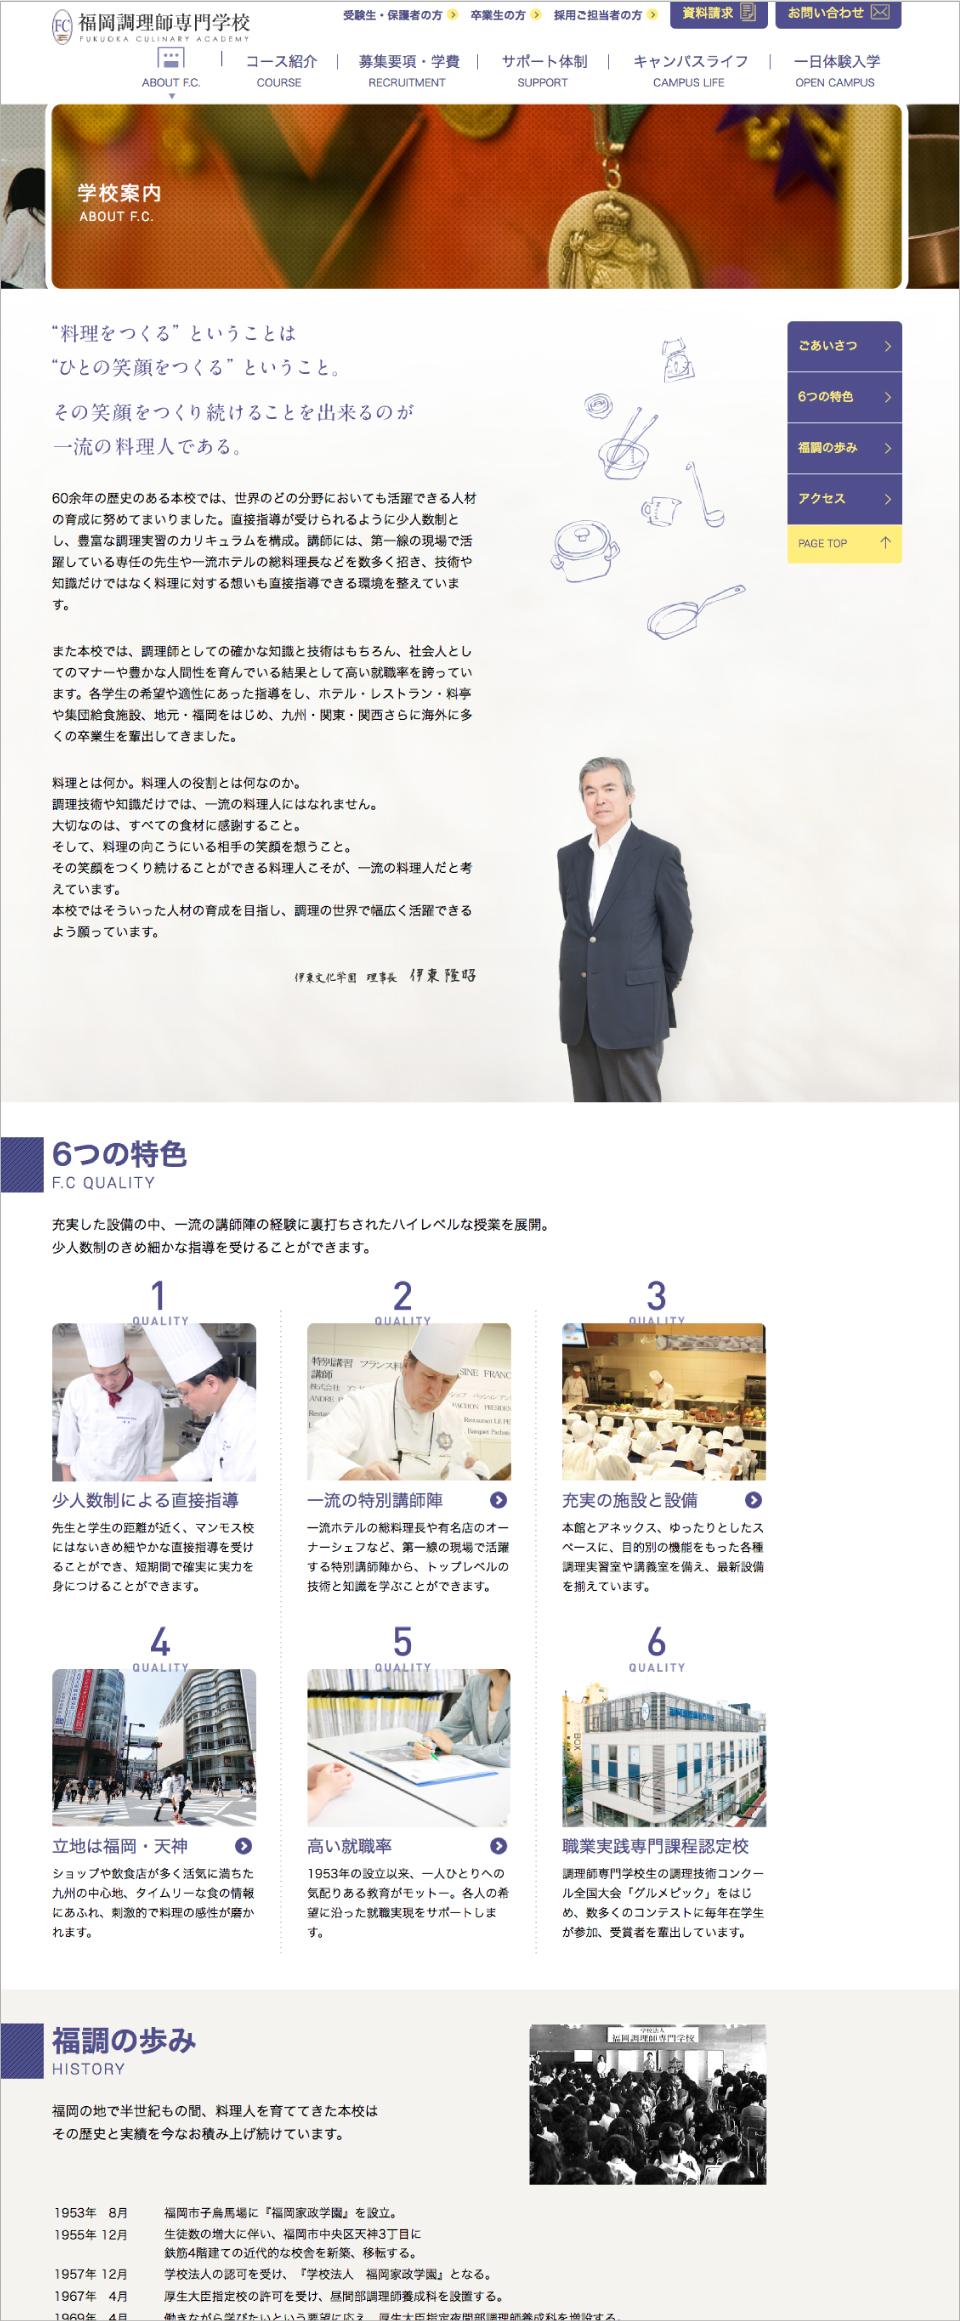 レスポンシブサイト。スマホ対応。福岡天神にある福岡調理師専門学校のWEBサイトデザイン。HP。シンプルで使いやすい構成